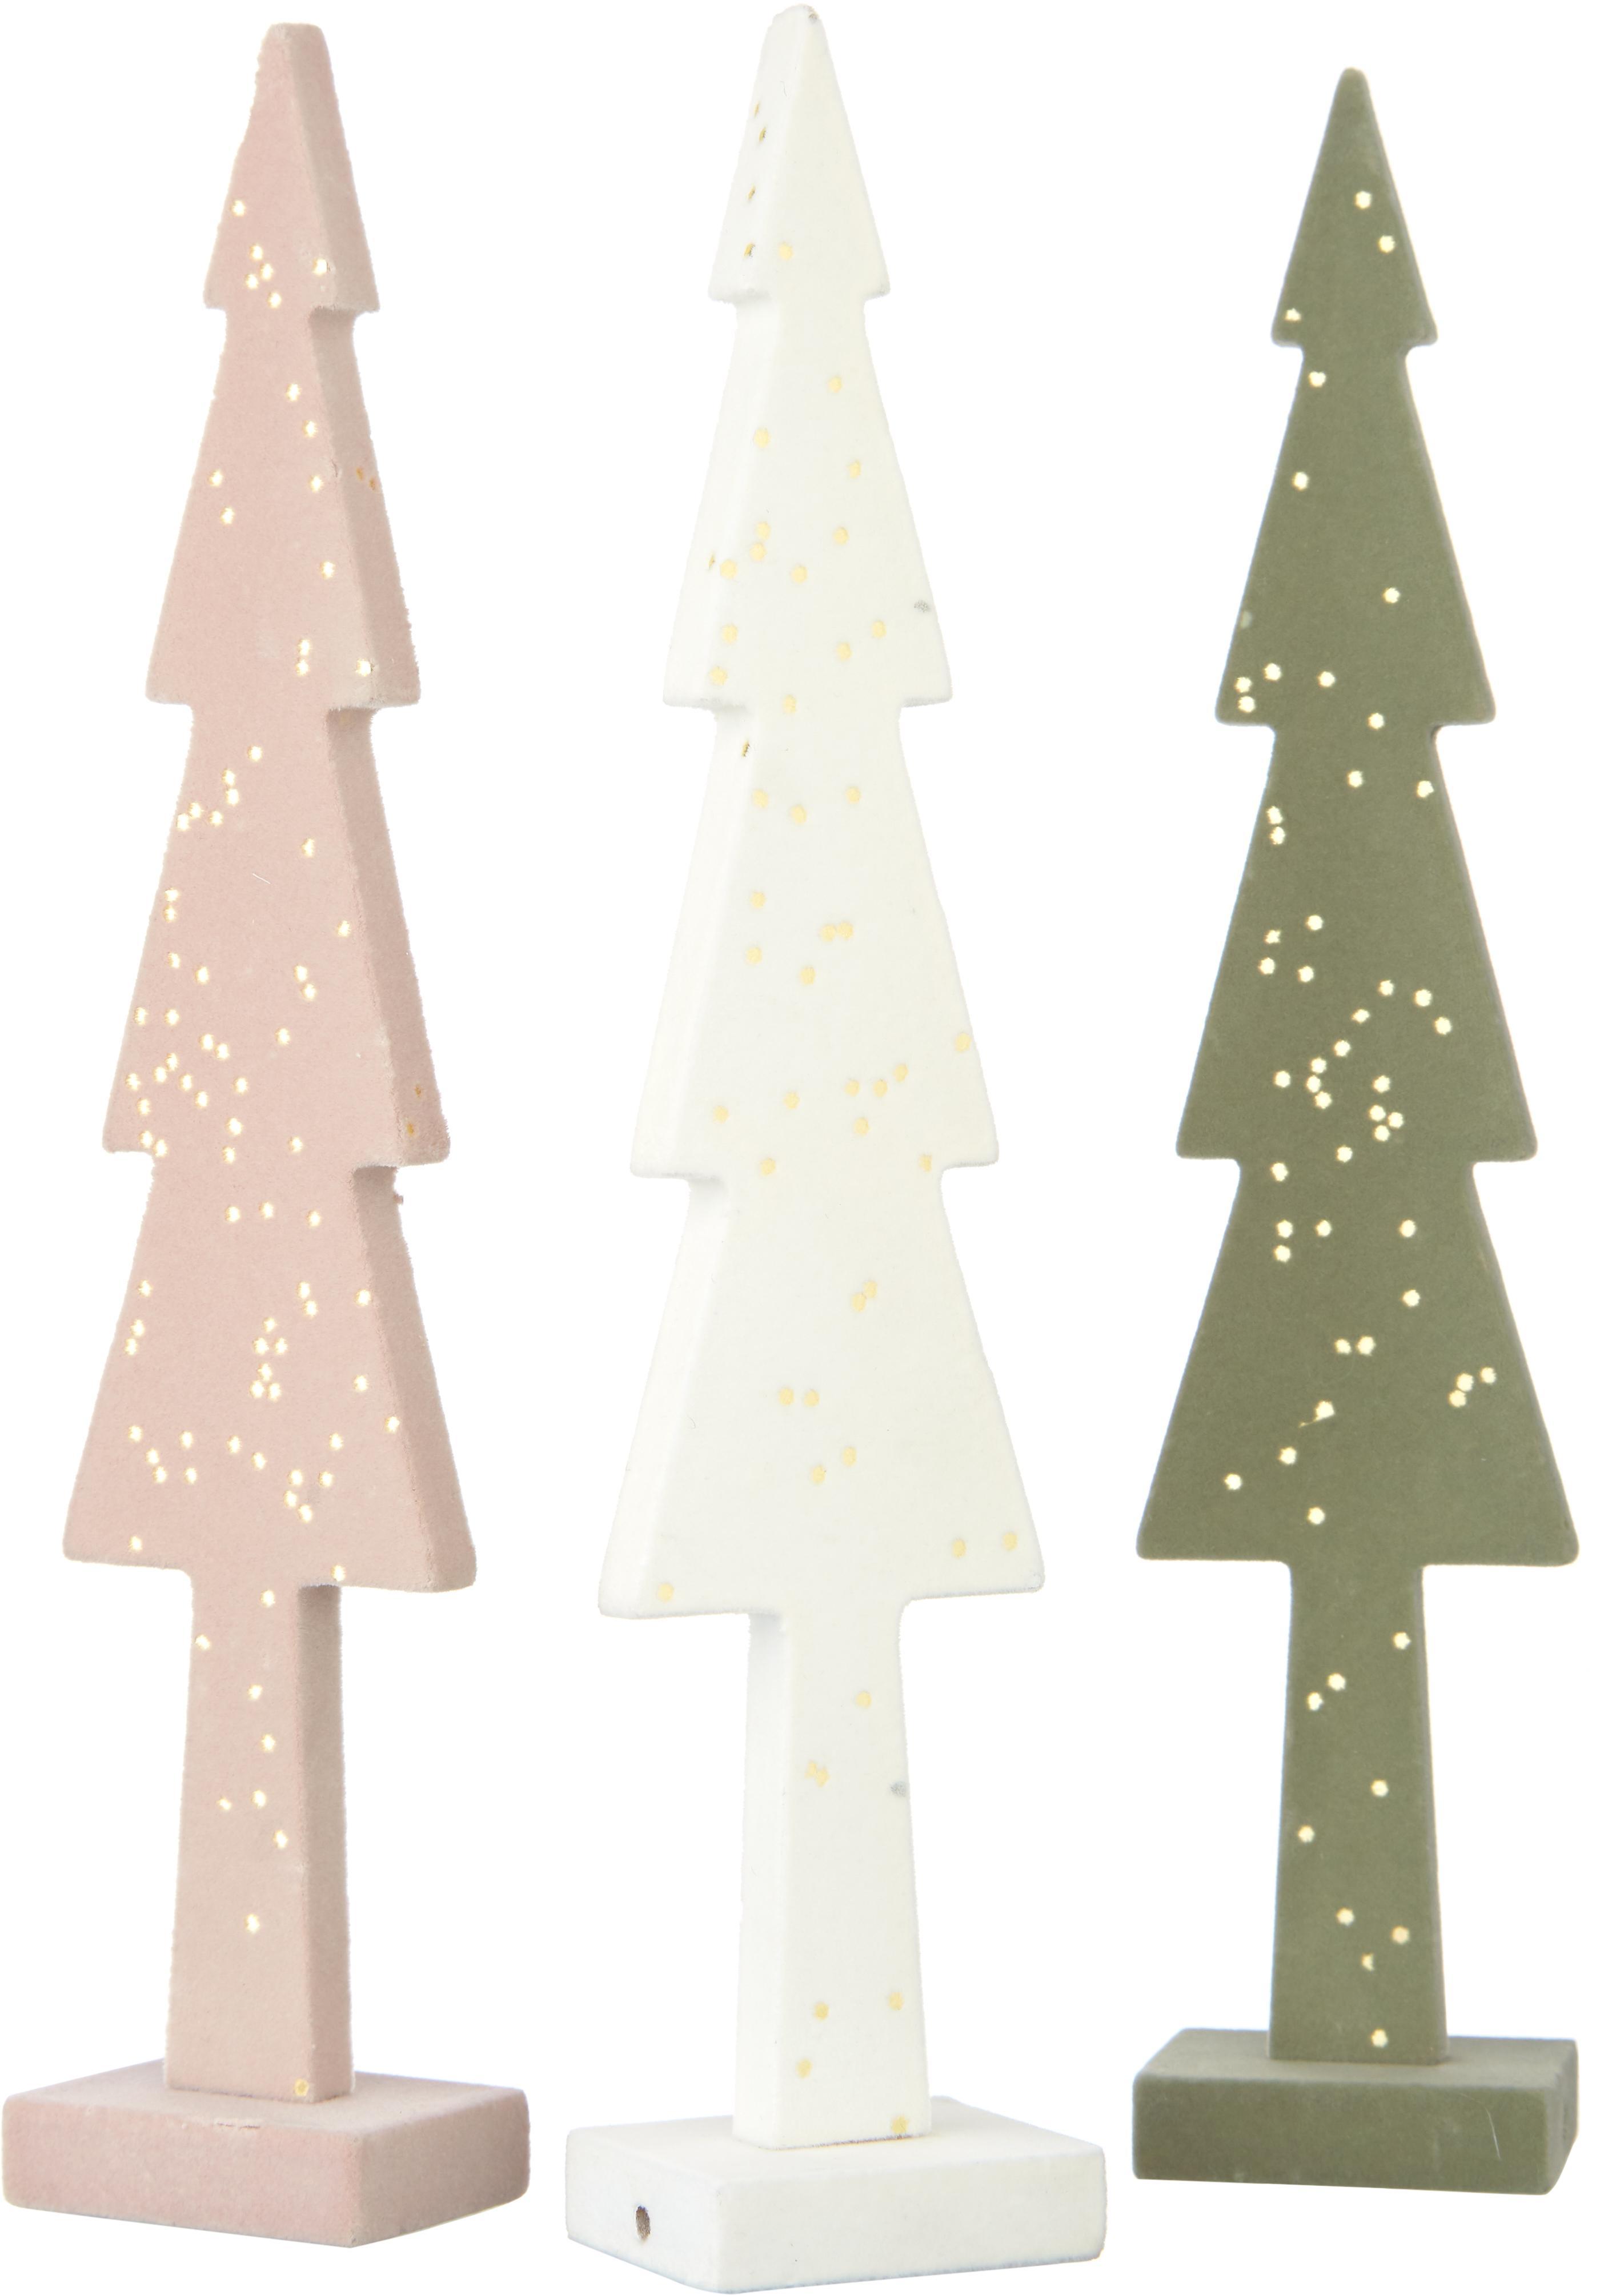 Set oggetti decorativi Pasti 3 pz, Pannelli di fibra a media densità (MDF), tessuto, Bianco, rosa chiaro, verde, Larg. 5 x Alt. 27 cm